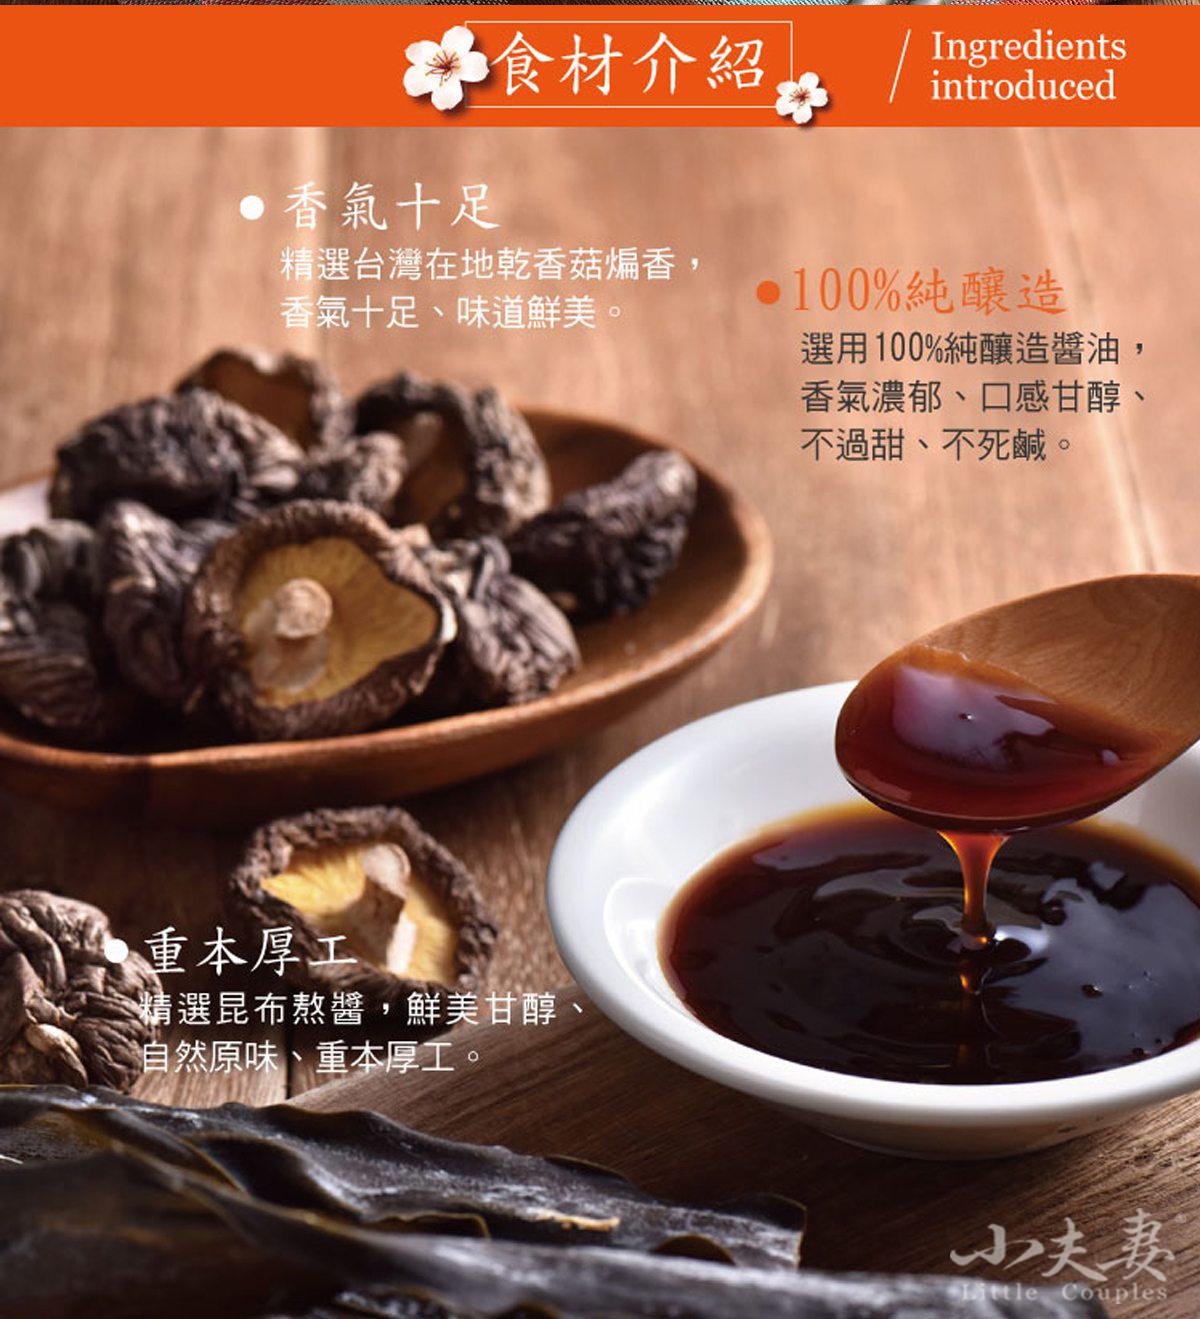 小夫妻拌麵-菇蠔油乾拌麵食材介紹